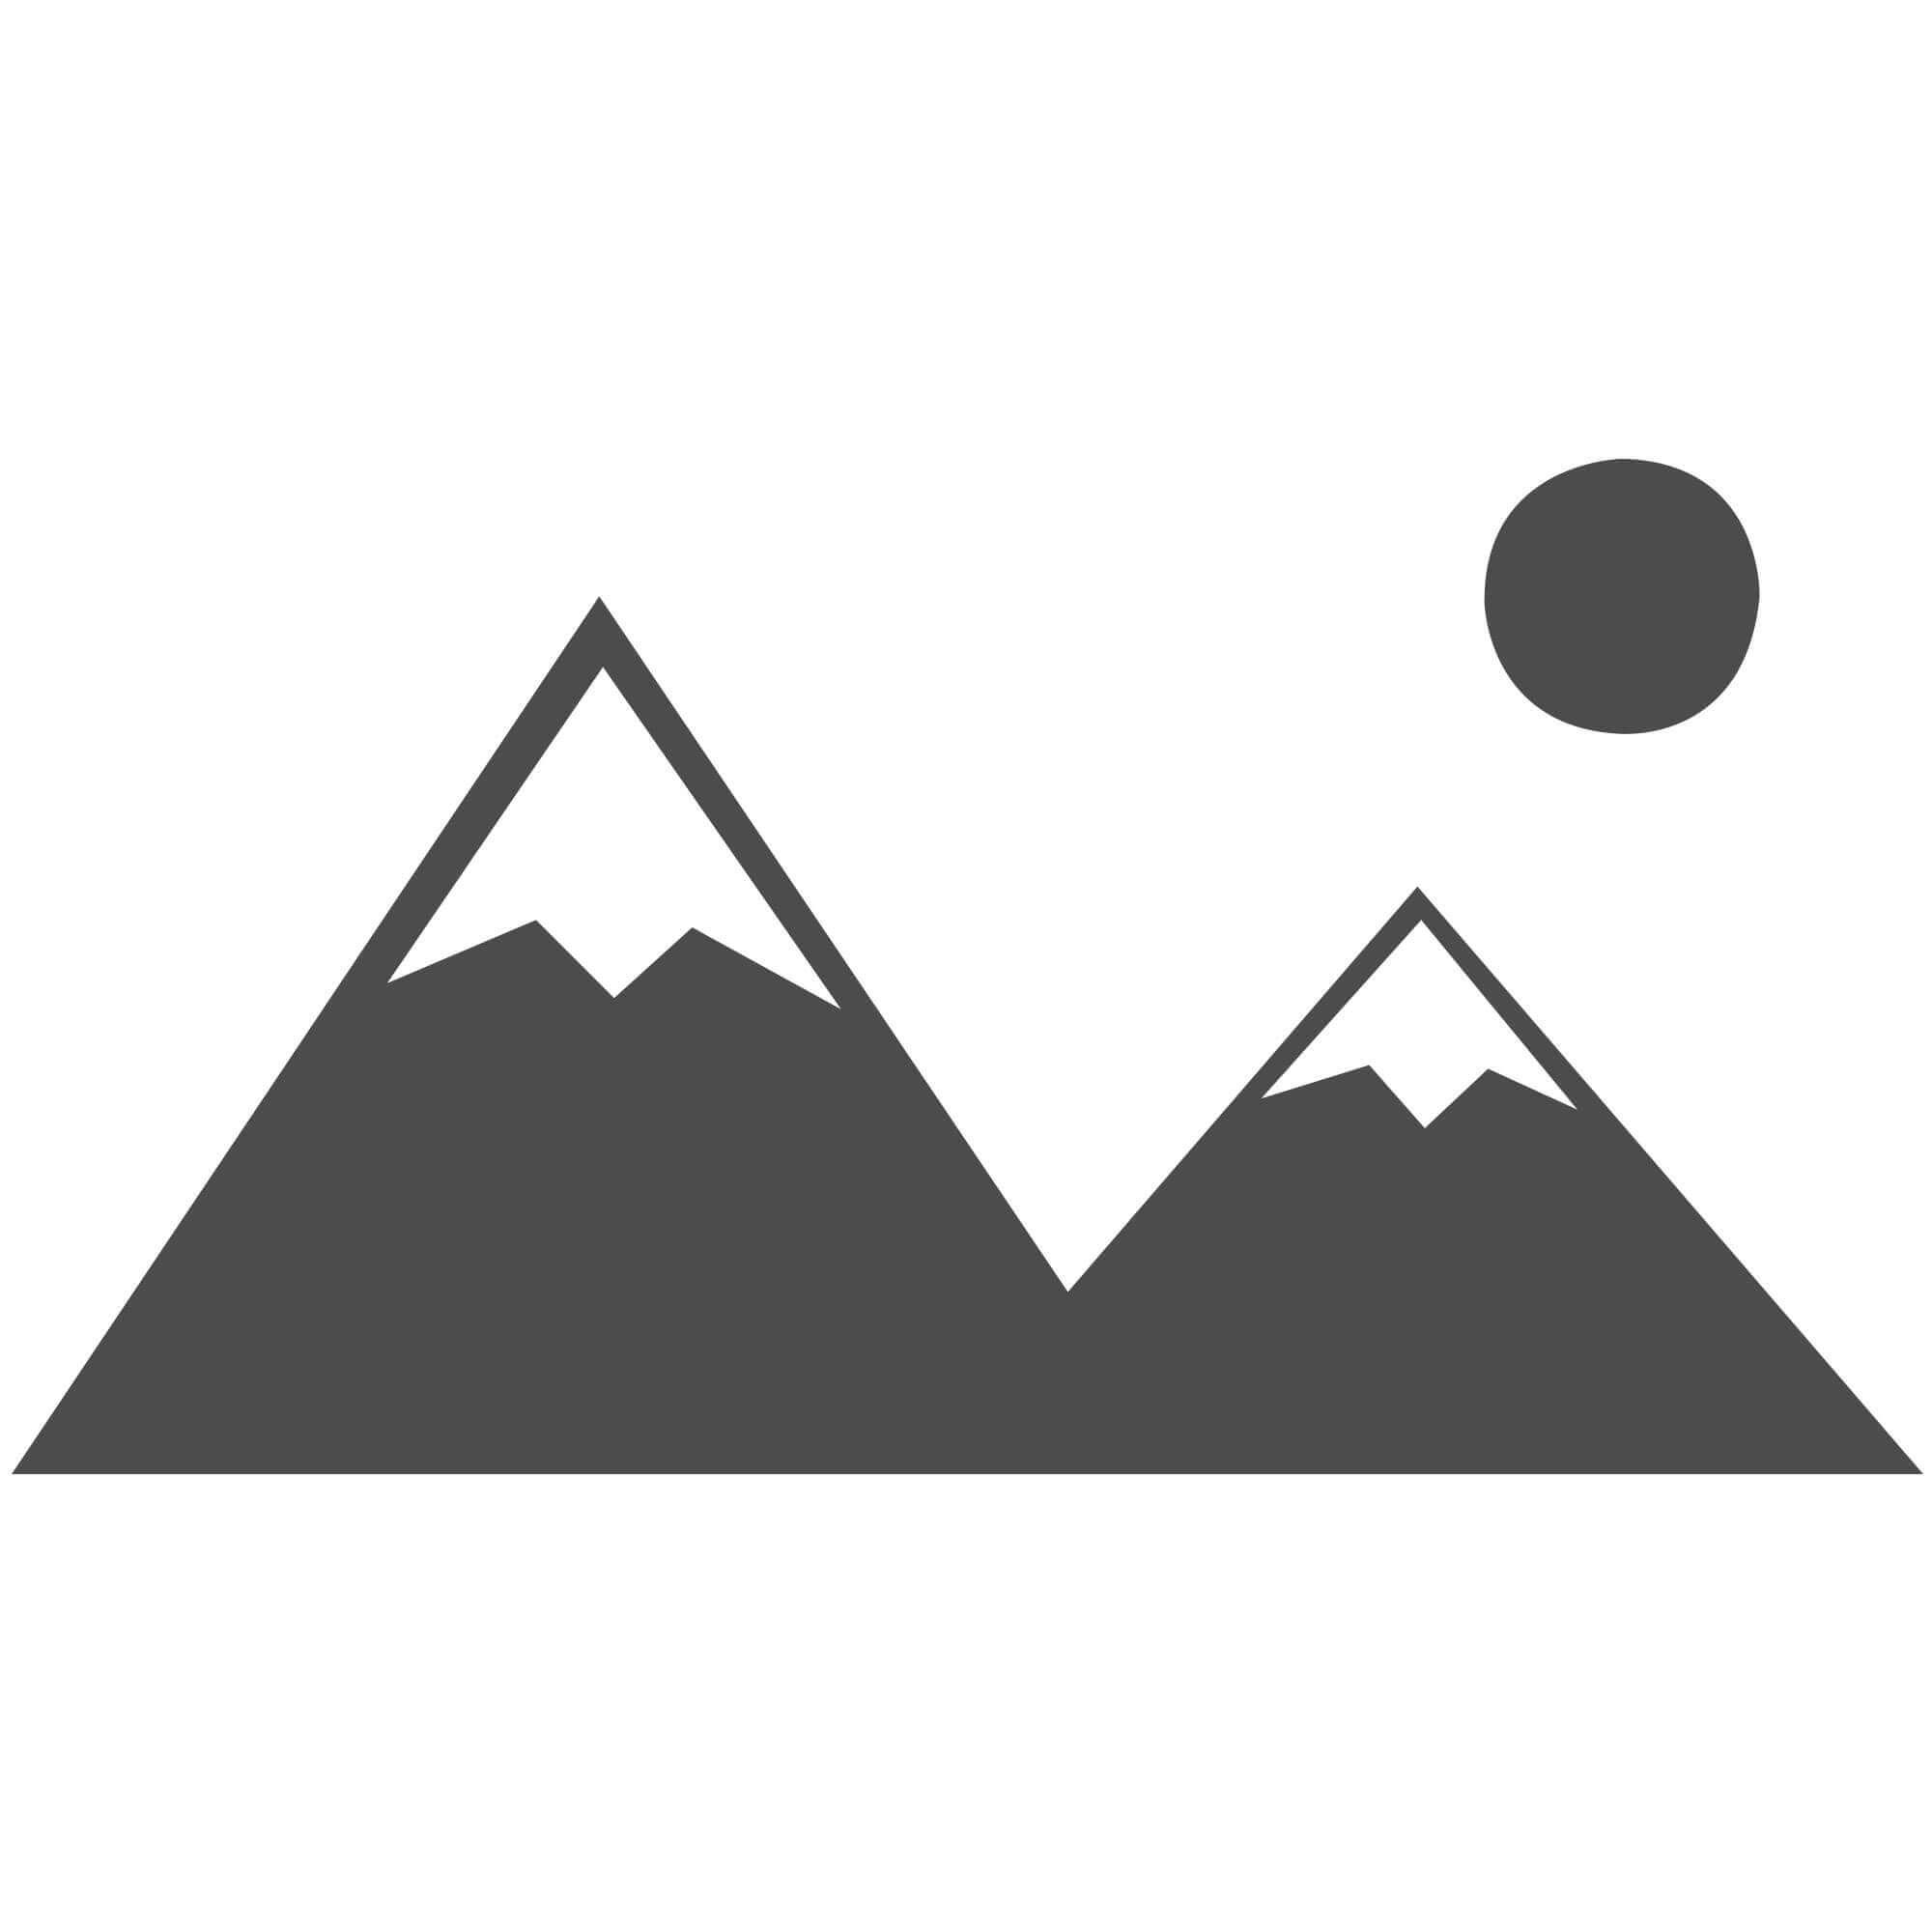 Knott-Avonride Damper 2700 - 3500Kg - 576003